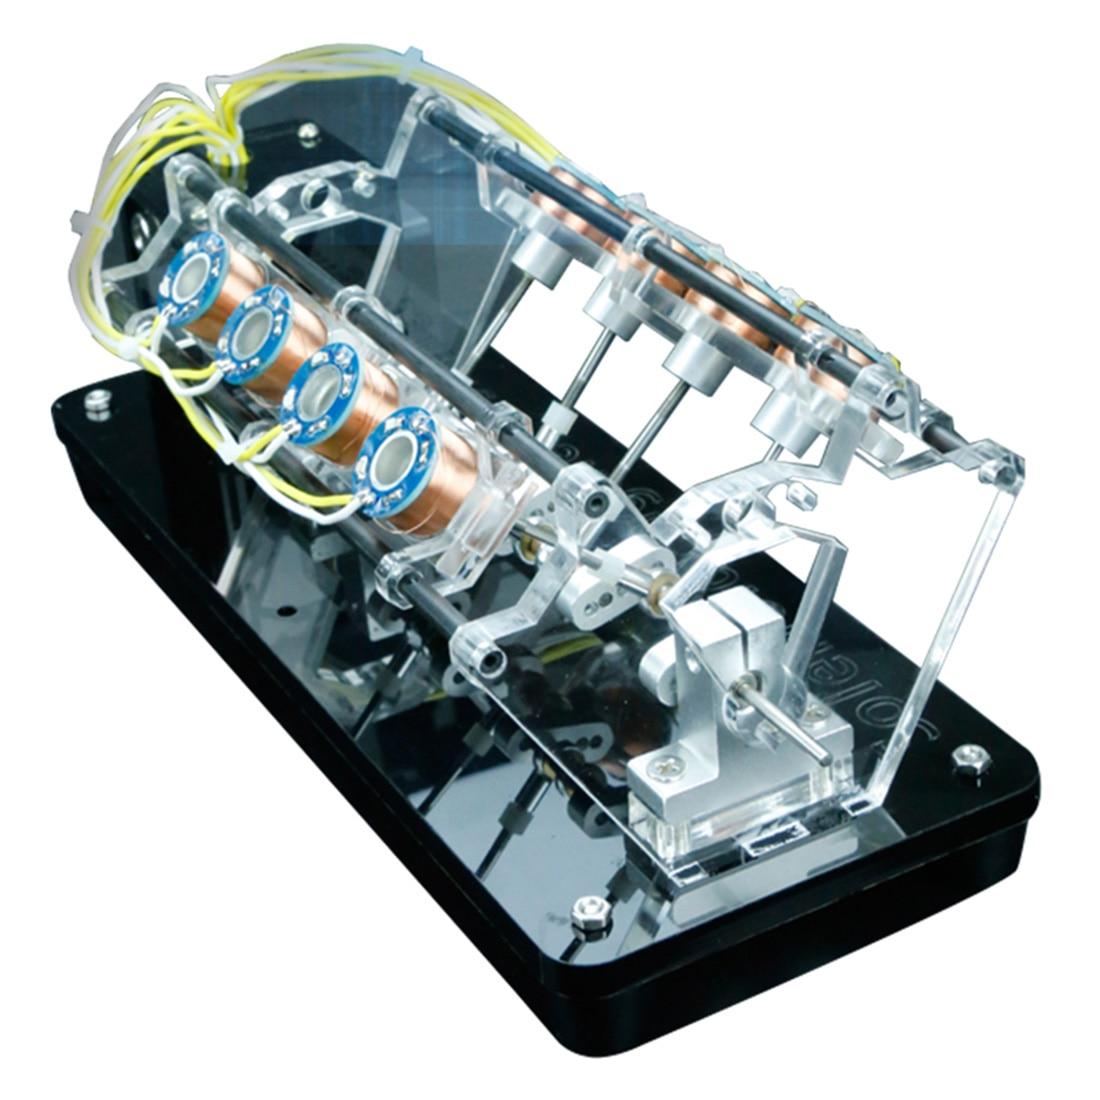 NFSTRIKE 5 v 4 W 8 Bobinas Eletroímã de Alta Velocidade Automóvel Modelo Do Motor Do Motor V-Em Forma de Brinquedos Educativos para Crianças brinquedos para adultos